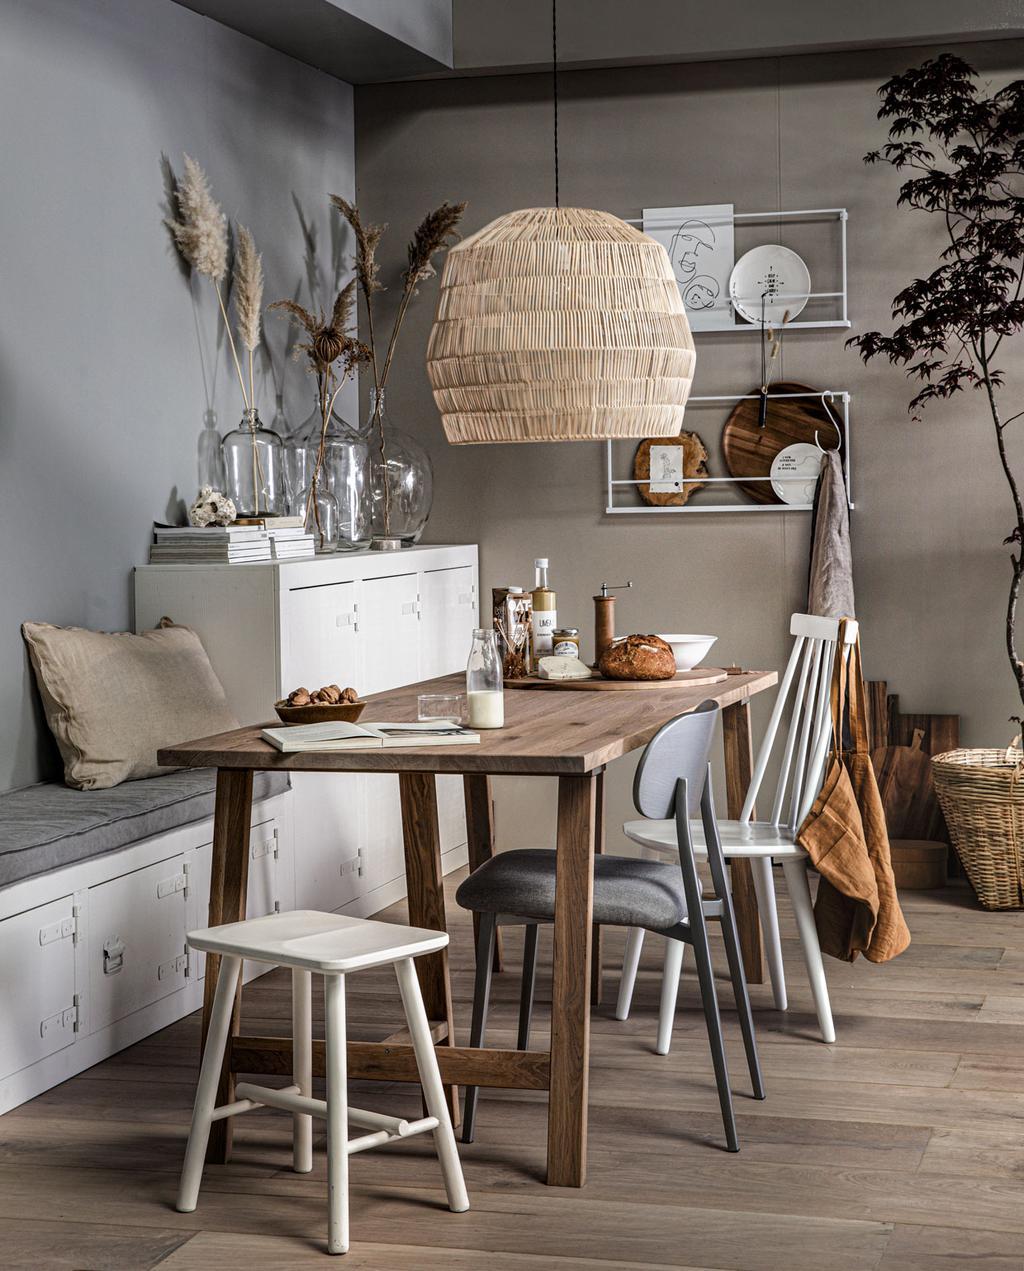 eettafel omringd door verschillende types stoelen in bruine eetkamer